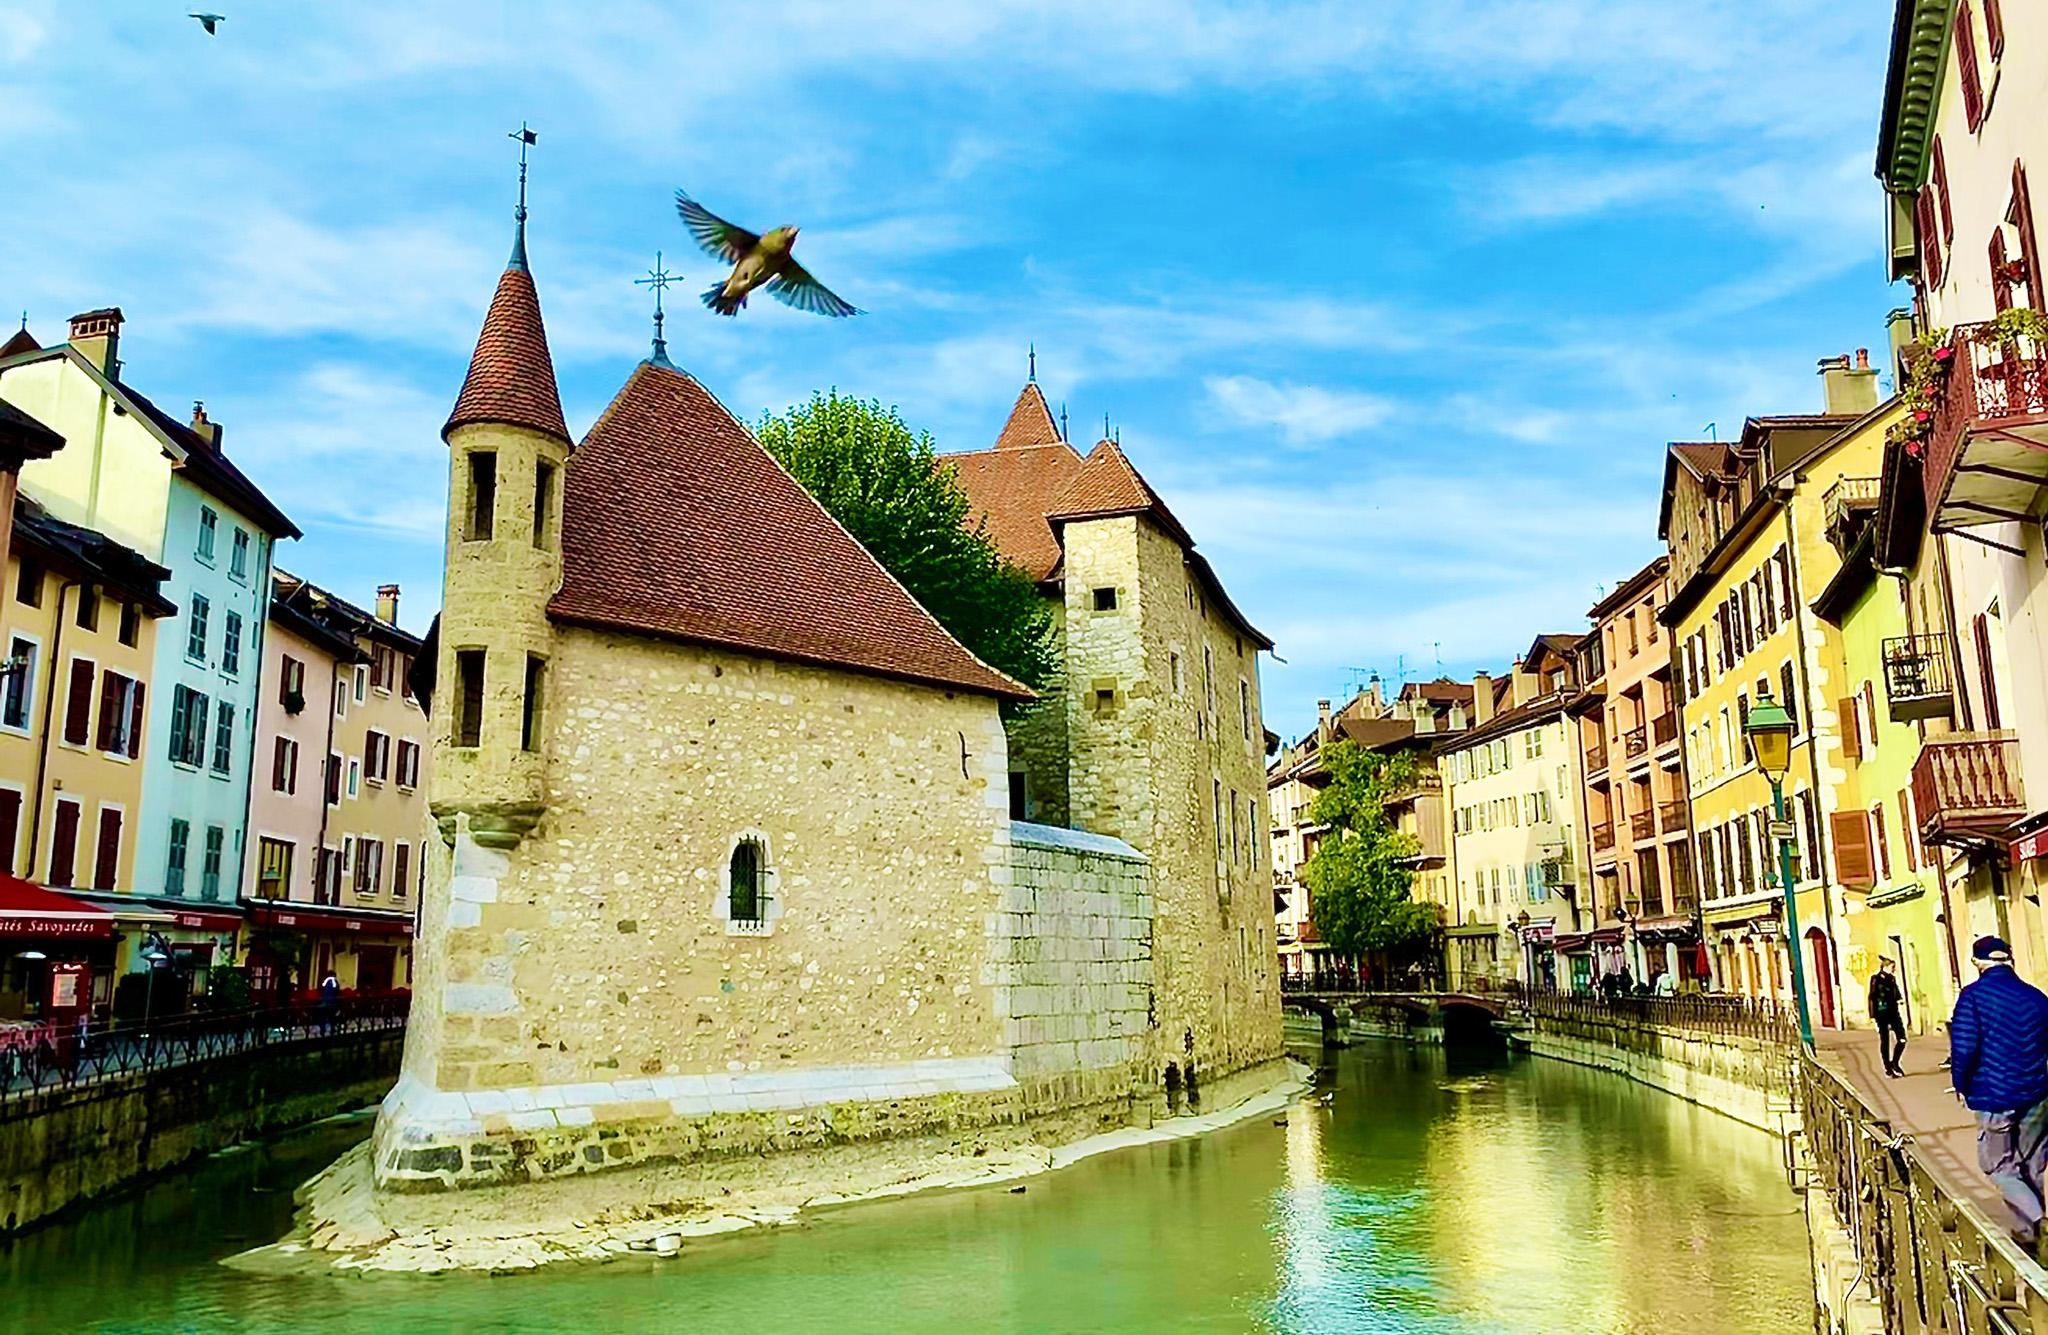 kt_2020_370_Keytours_excursions_Swisstours_annecy_palais_de_l'île4_2048_10